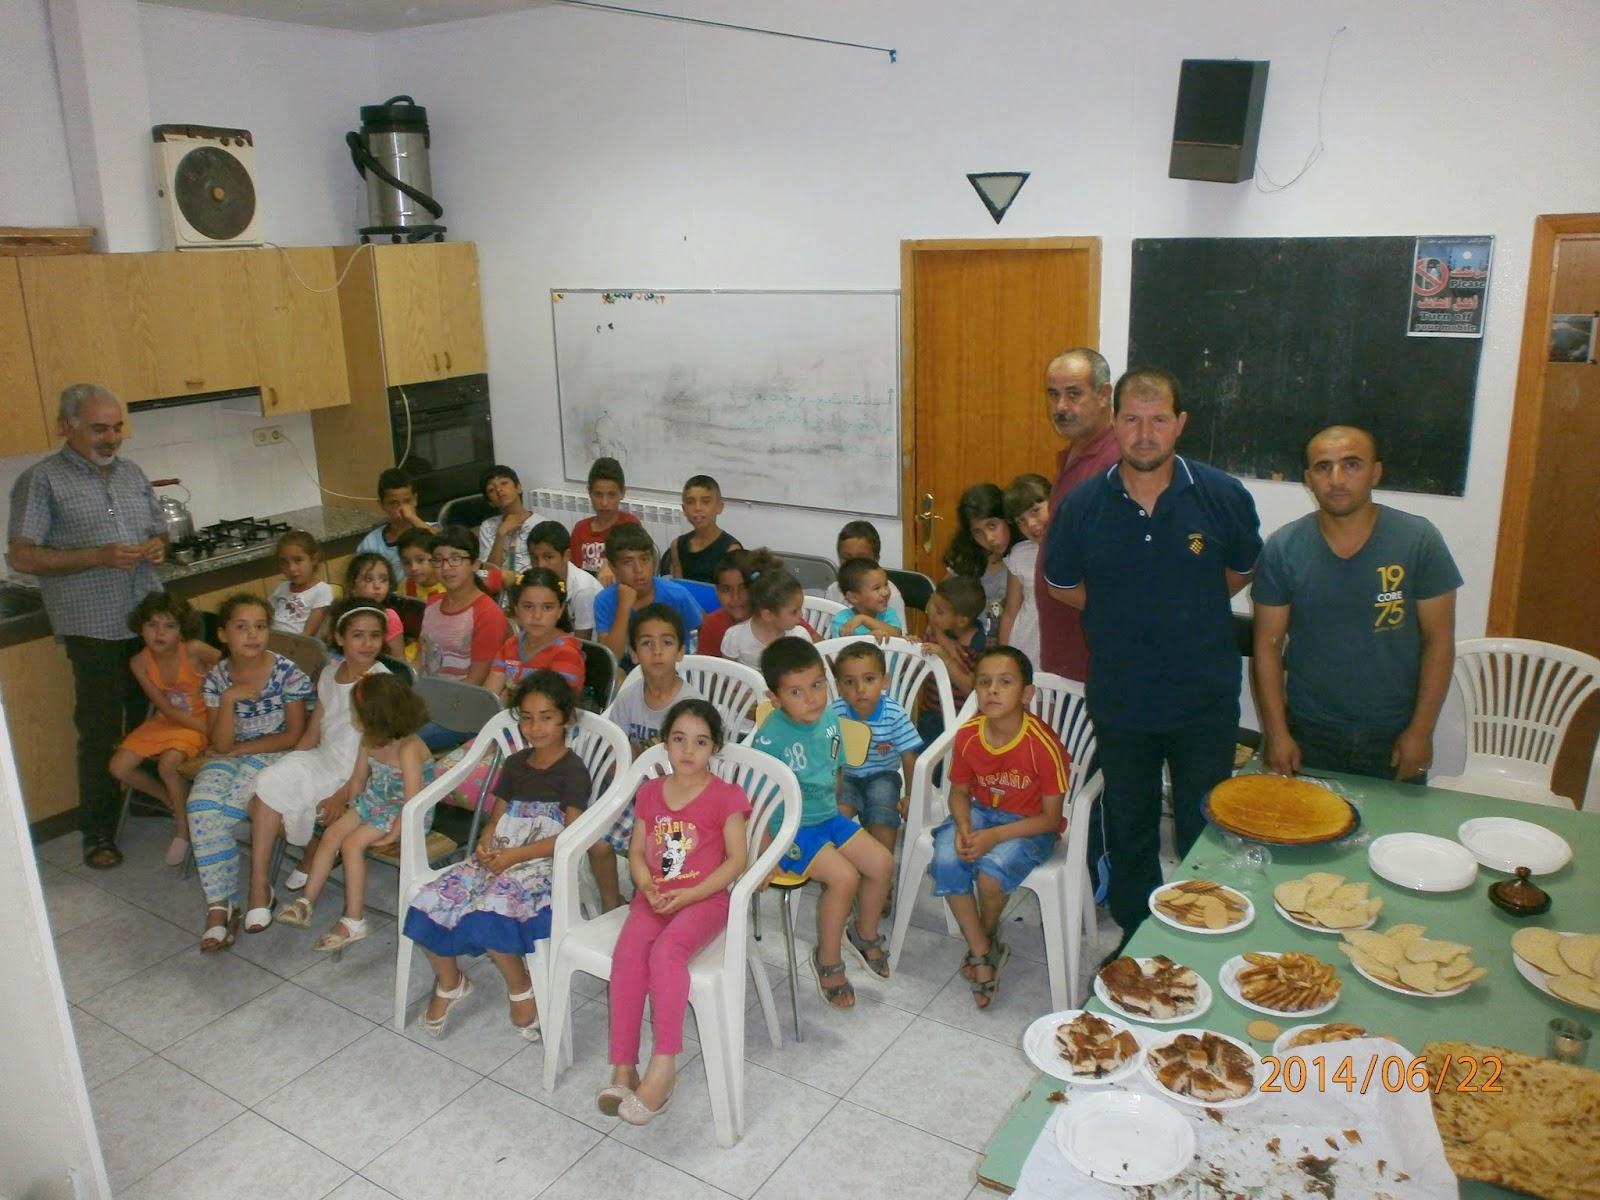 El Pasado Domingo Dia  De Junio De  La Comunidad Islamica De Ponts Mezquita Annour Celebro La Fiesta De Fin De Curso Escolar   De Arabe Y